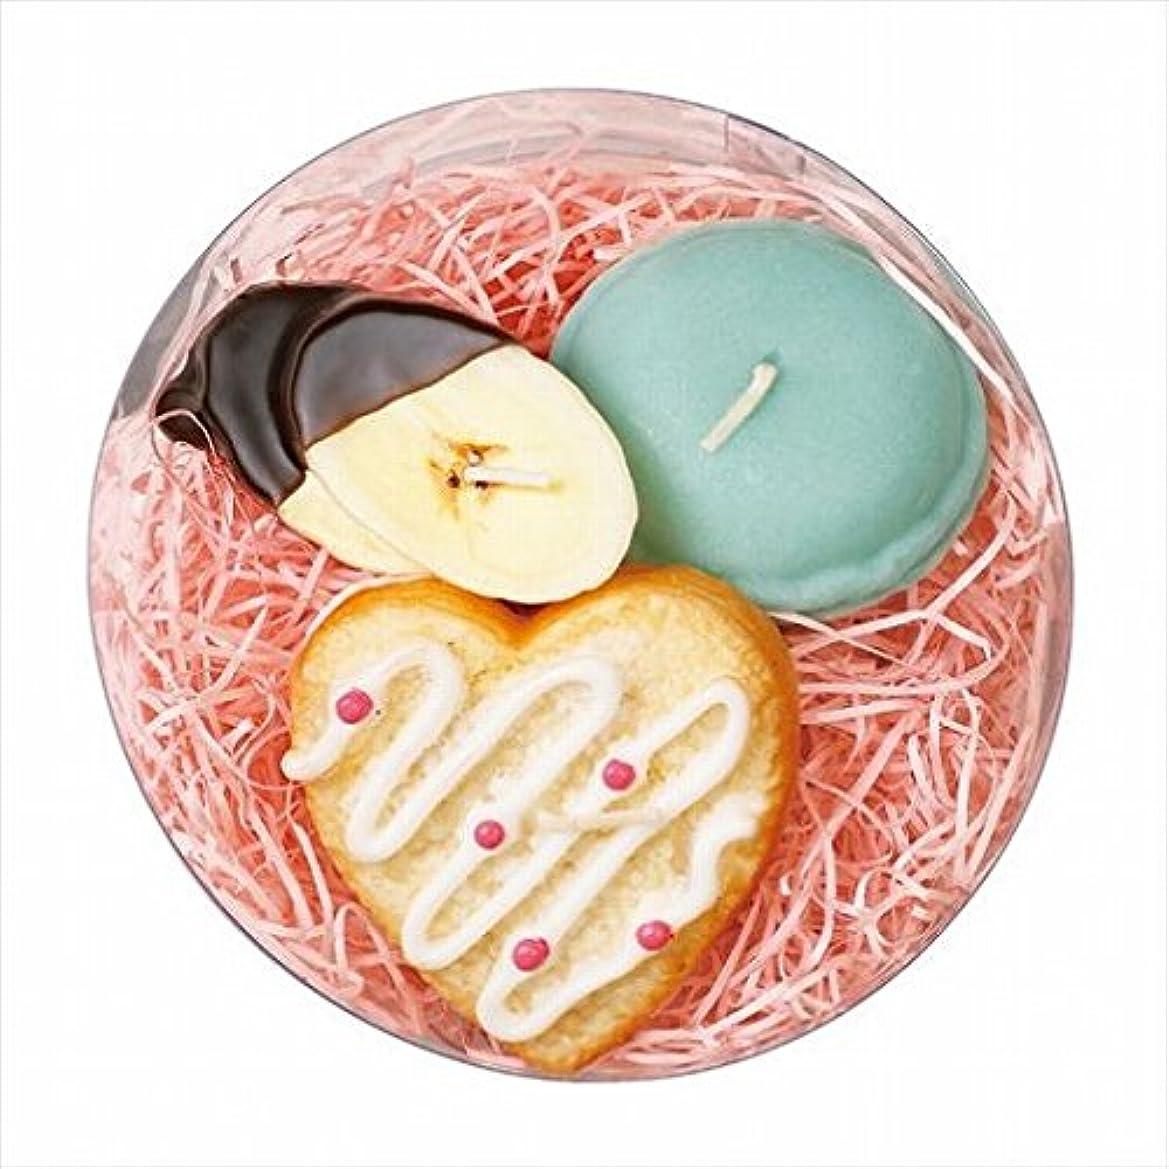 冒険静脈興奮するスイーツキャンドル( sweets candle ) プチスイーツキャンドルセット 「 シュガーハート 」 キャンドル